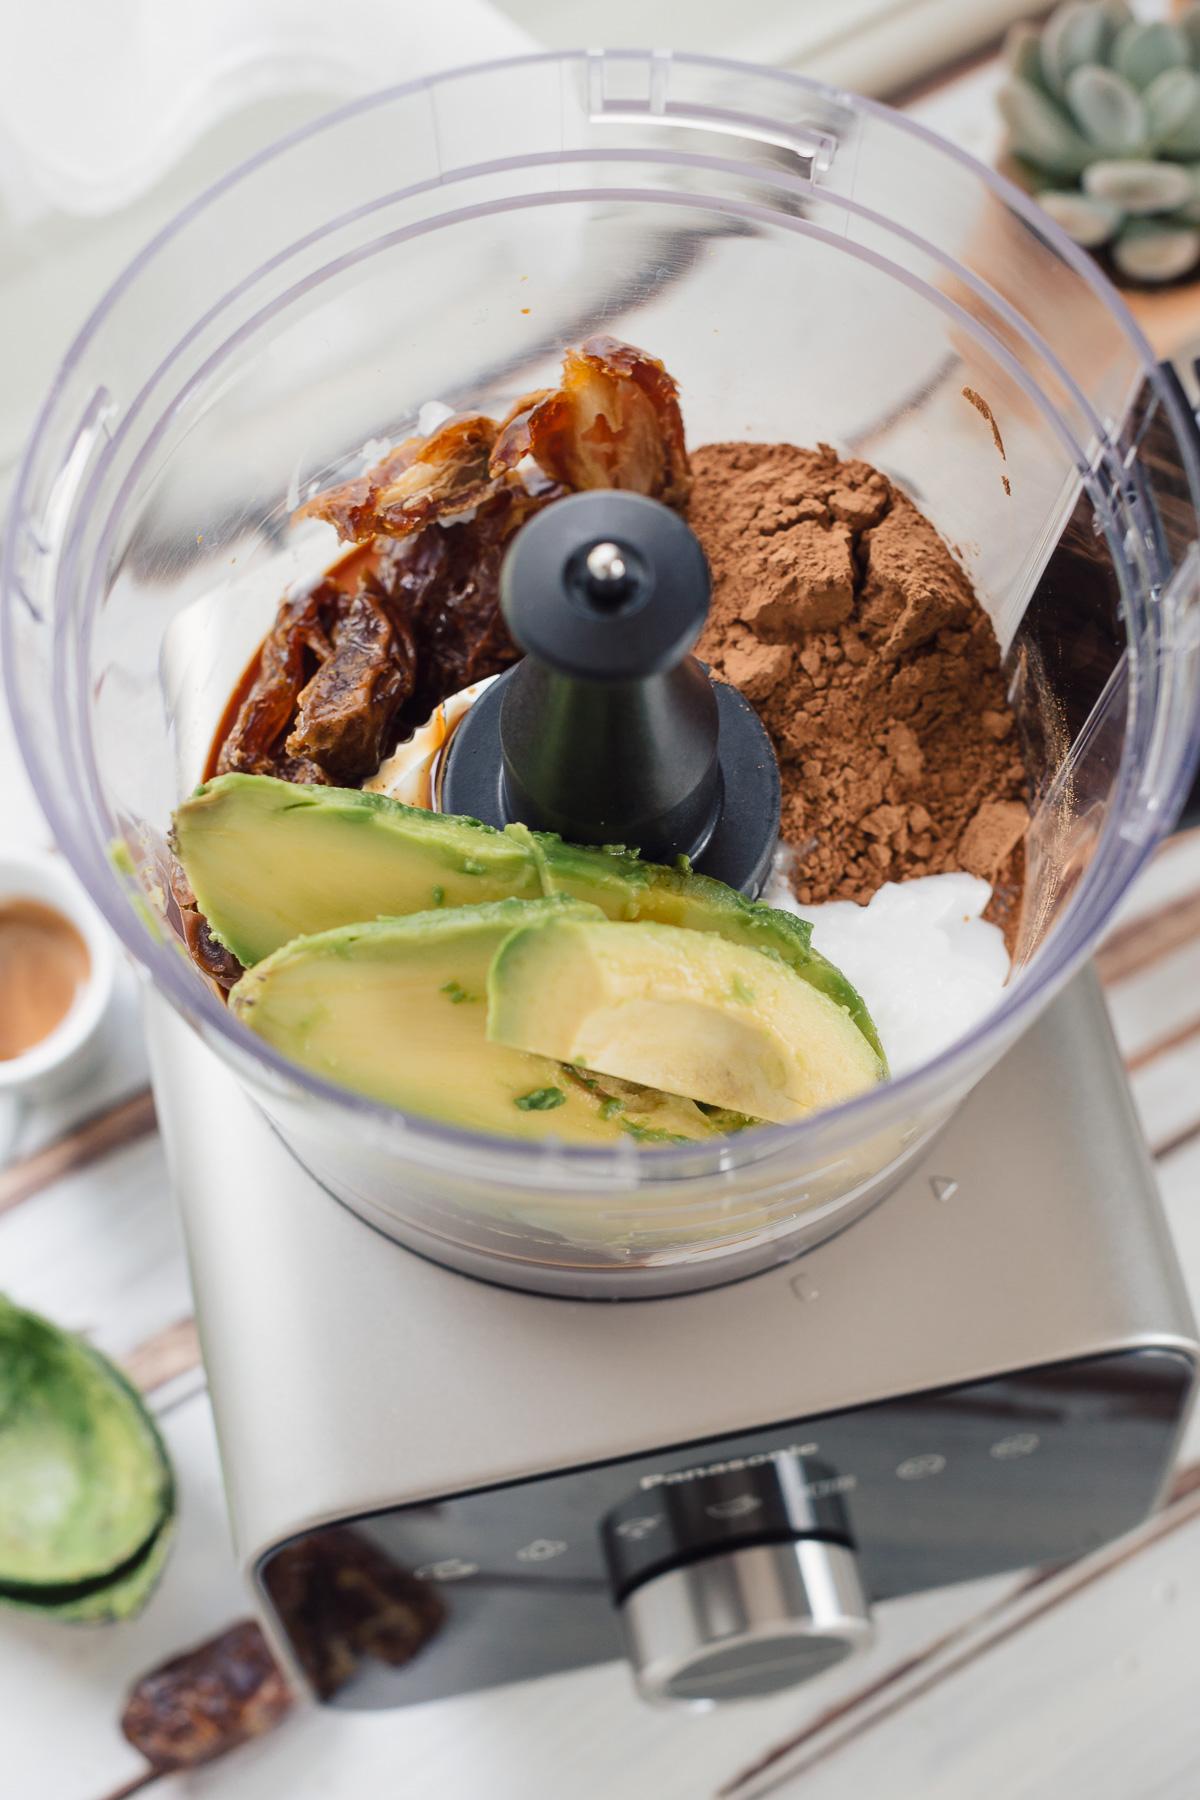 come preparare la ricetta MOUSSE AVOCADO CACAO e DATTERI al caffe senza glutine senza zucchero senza lattosio vegan chocolate avocado date mousse recipe #glutenfree